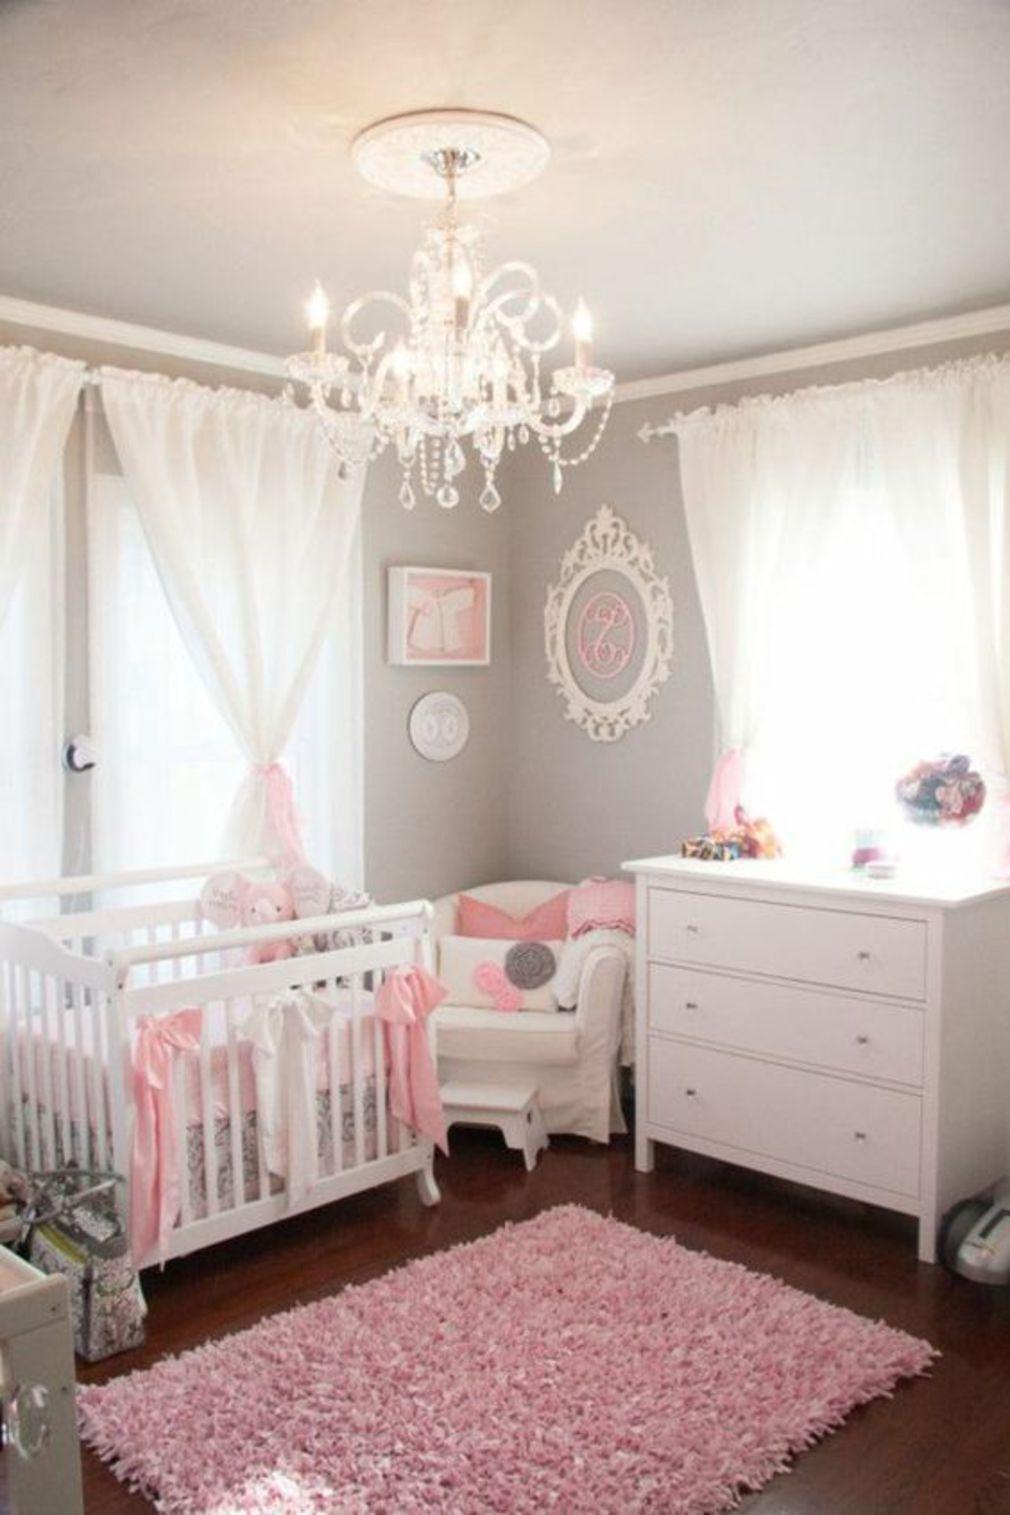 Les plus belles chambres de bébé en 2019 | Enfants | Chambre bebe ...